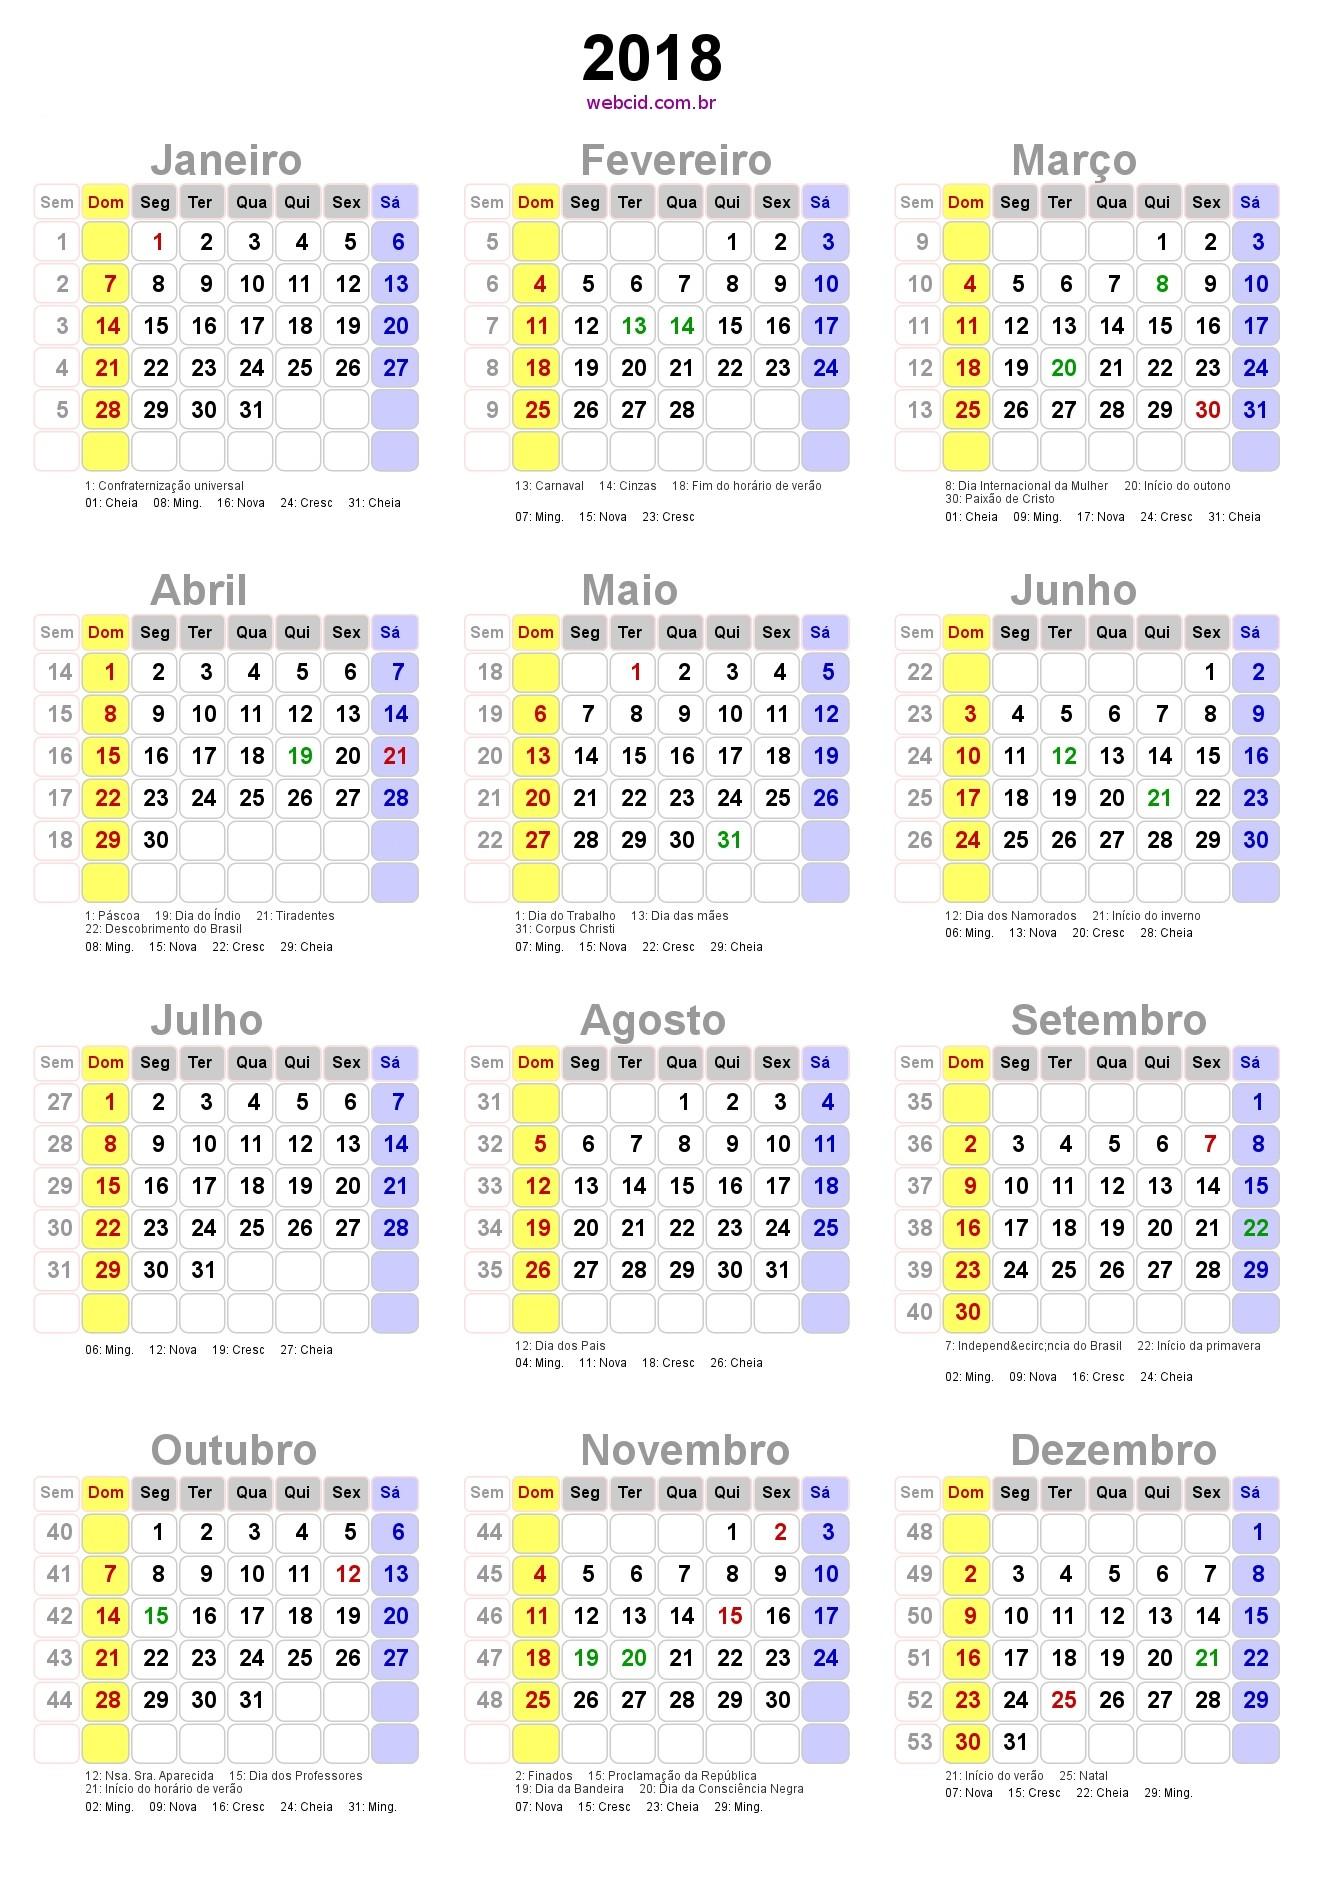 Calendário 2018 Feriados Nacionais E Fases Da Lua Brasil Calend rio 2018